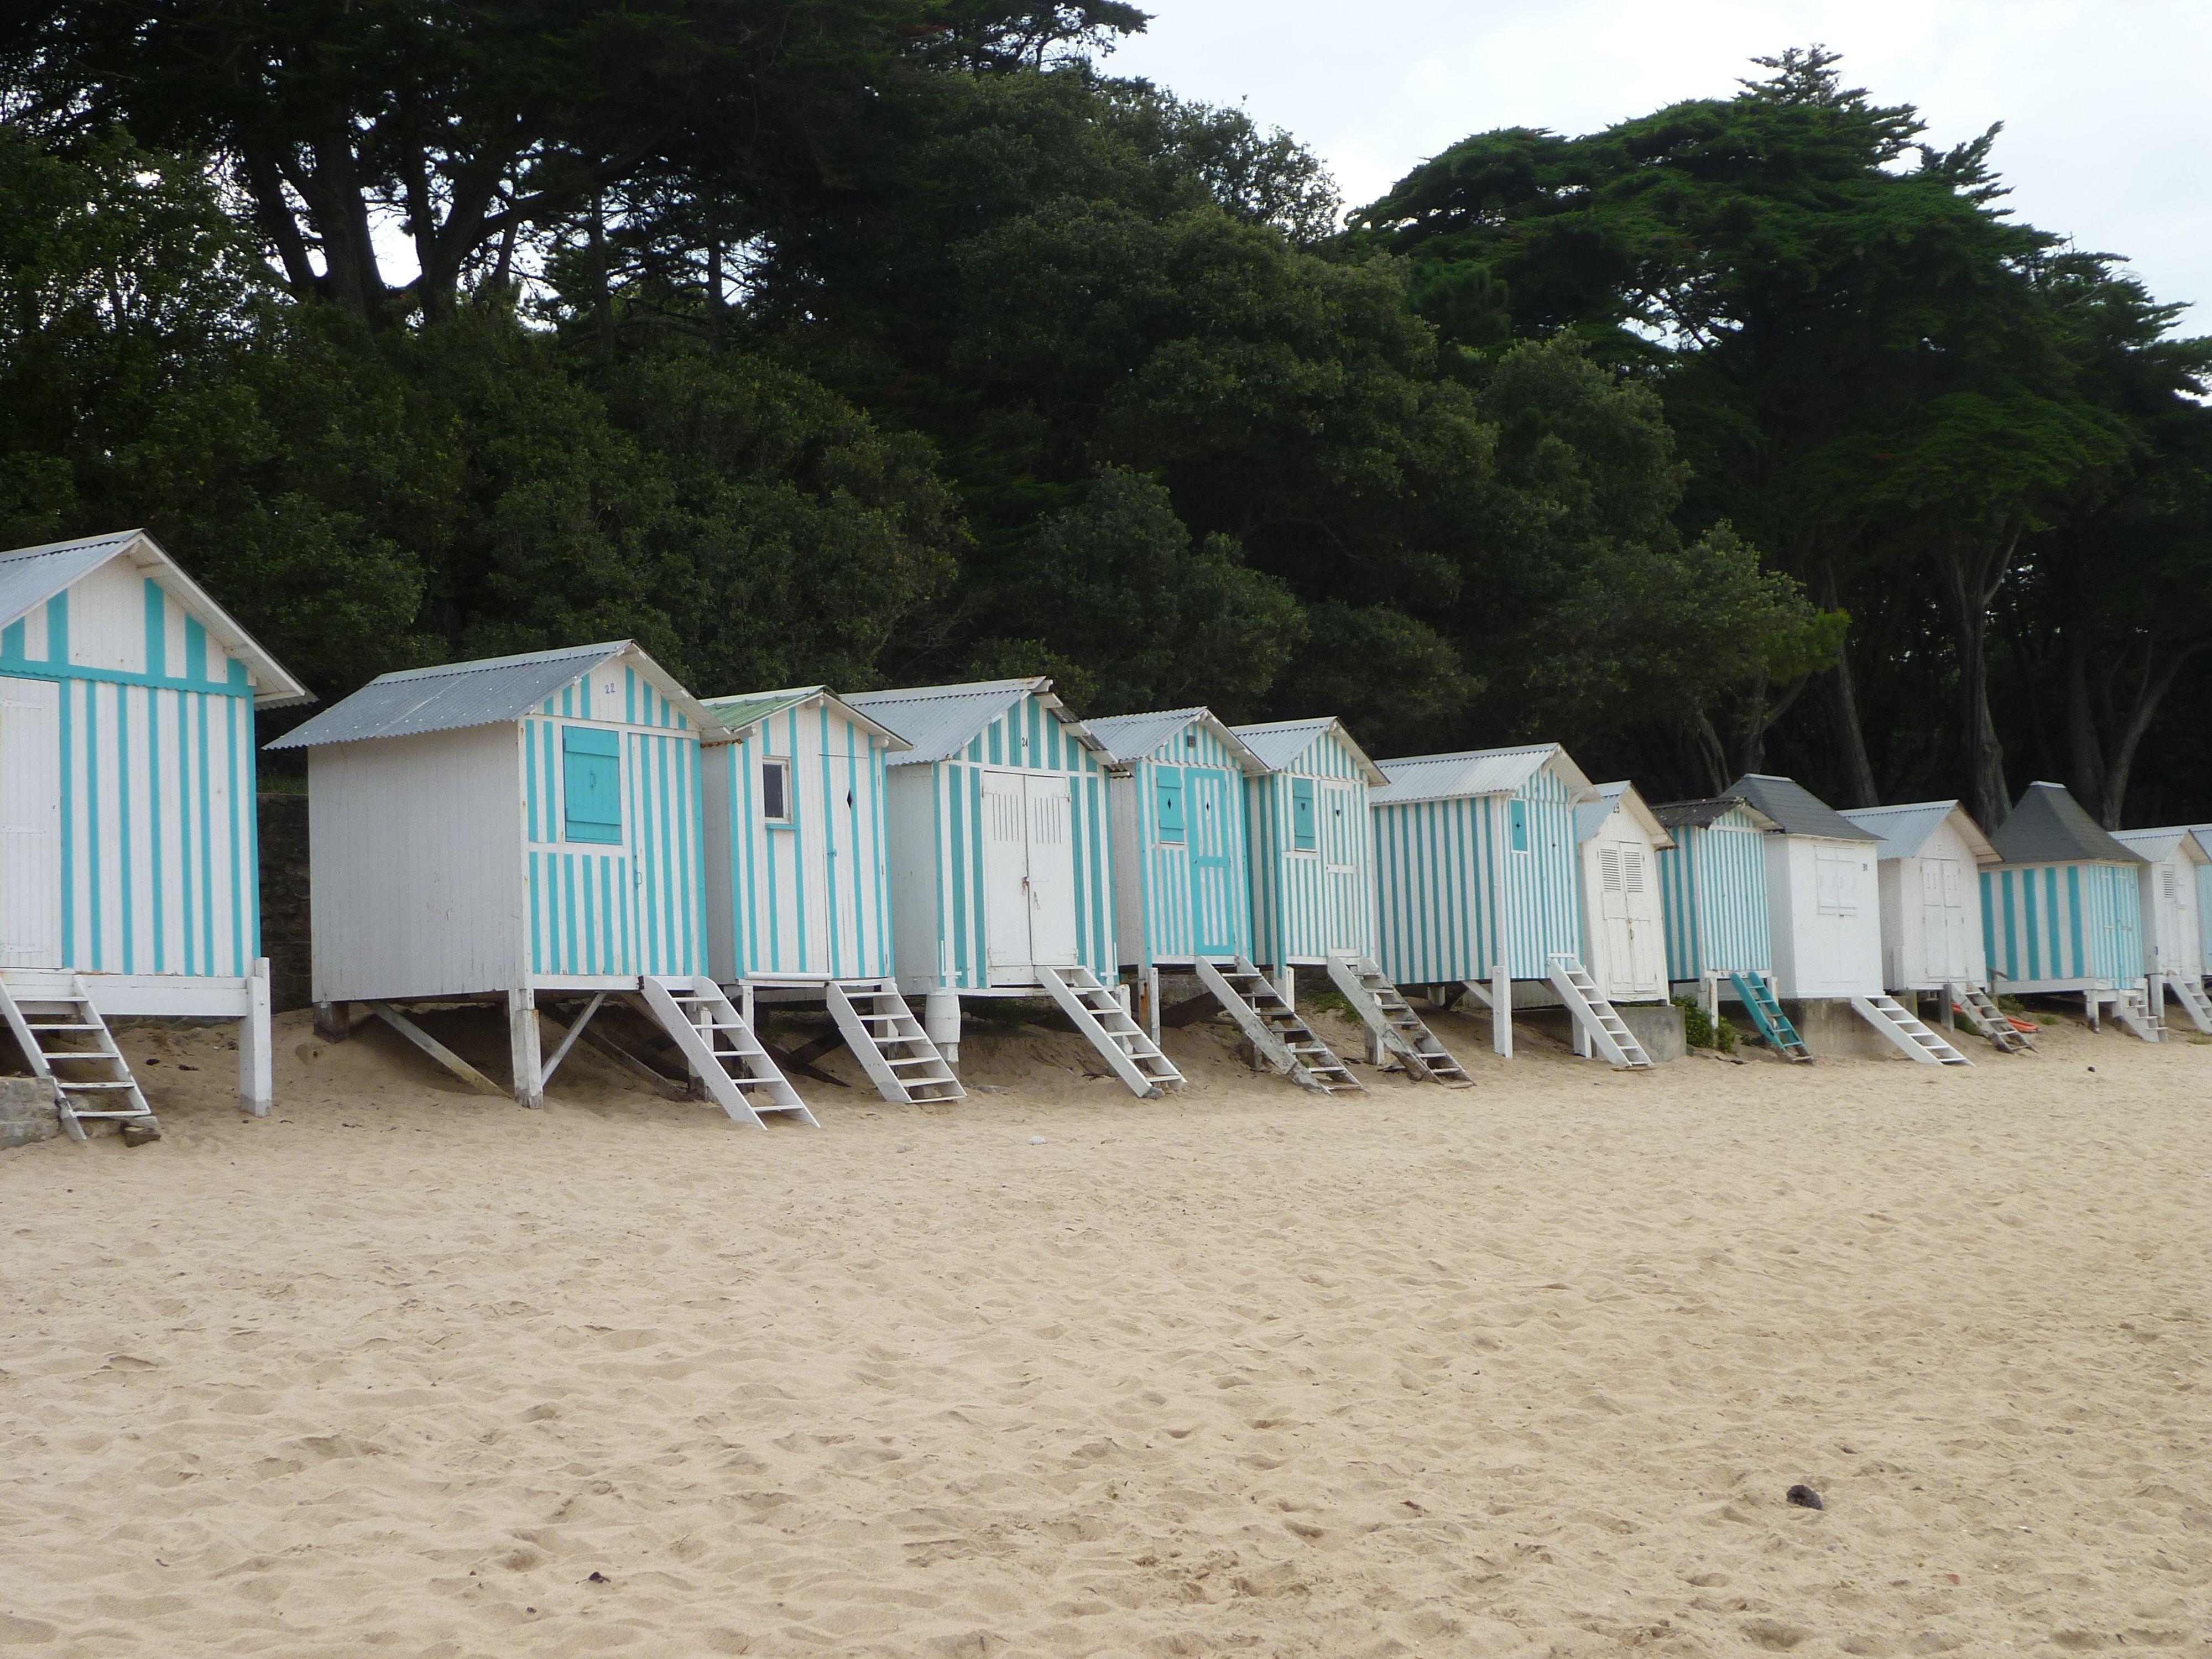 Ile de Noirmoutier Vendée France cabane de plage